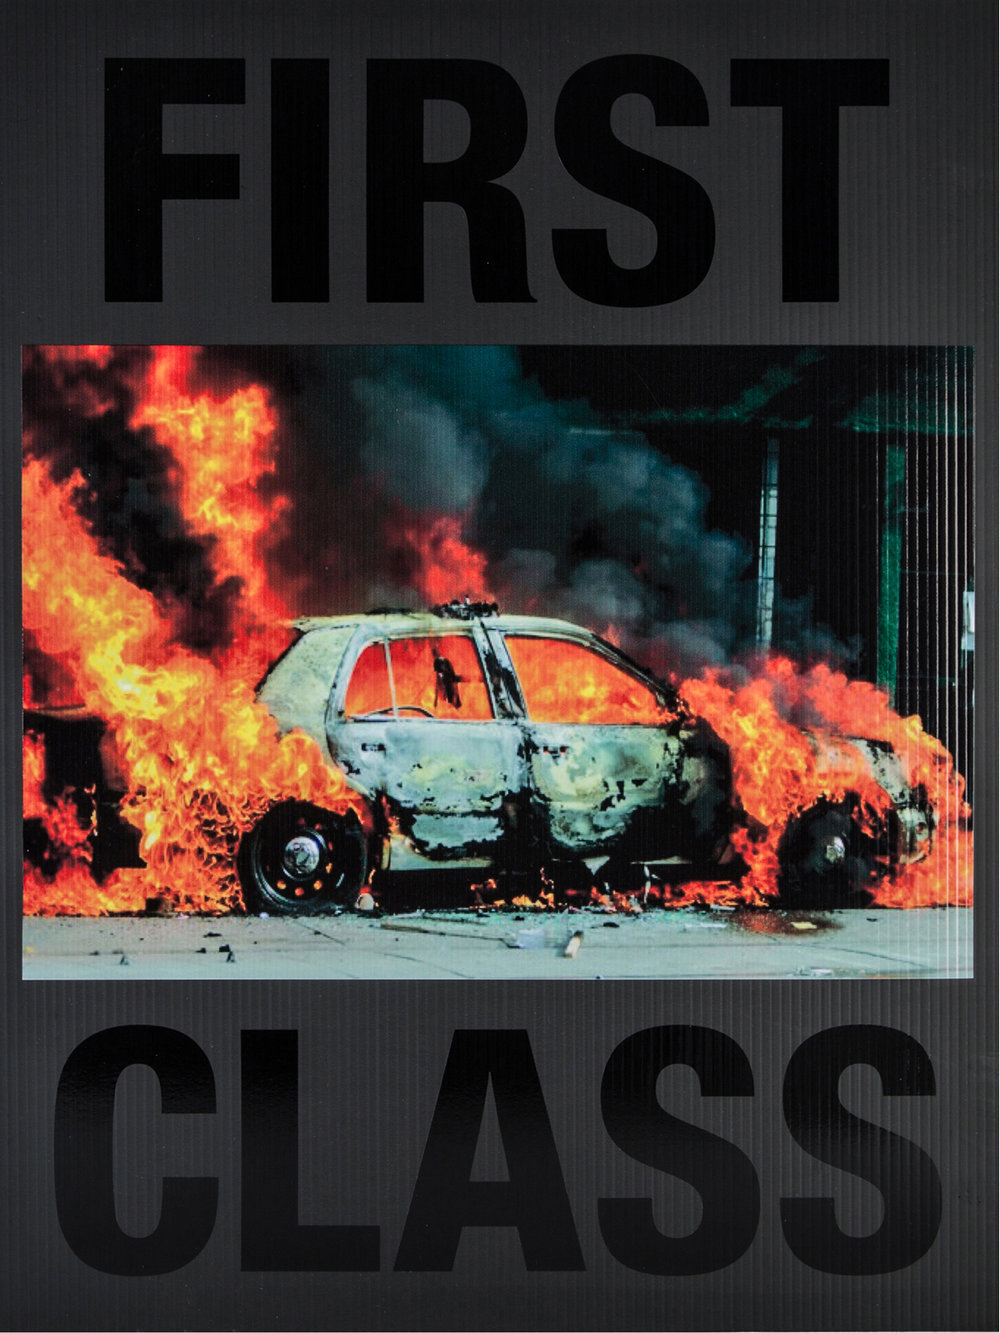 cali-dewitt-first-class.jpg